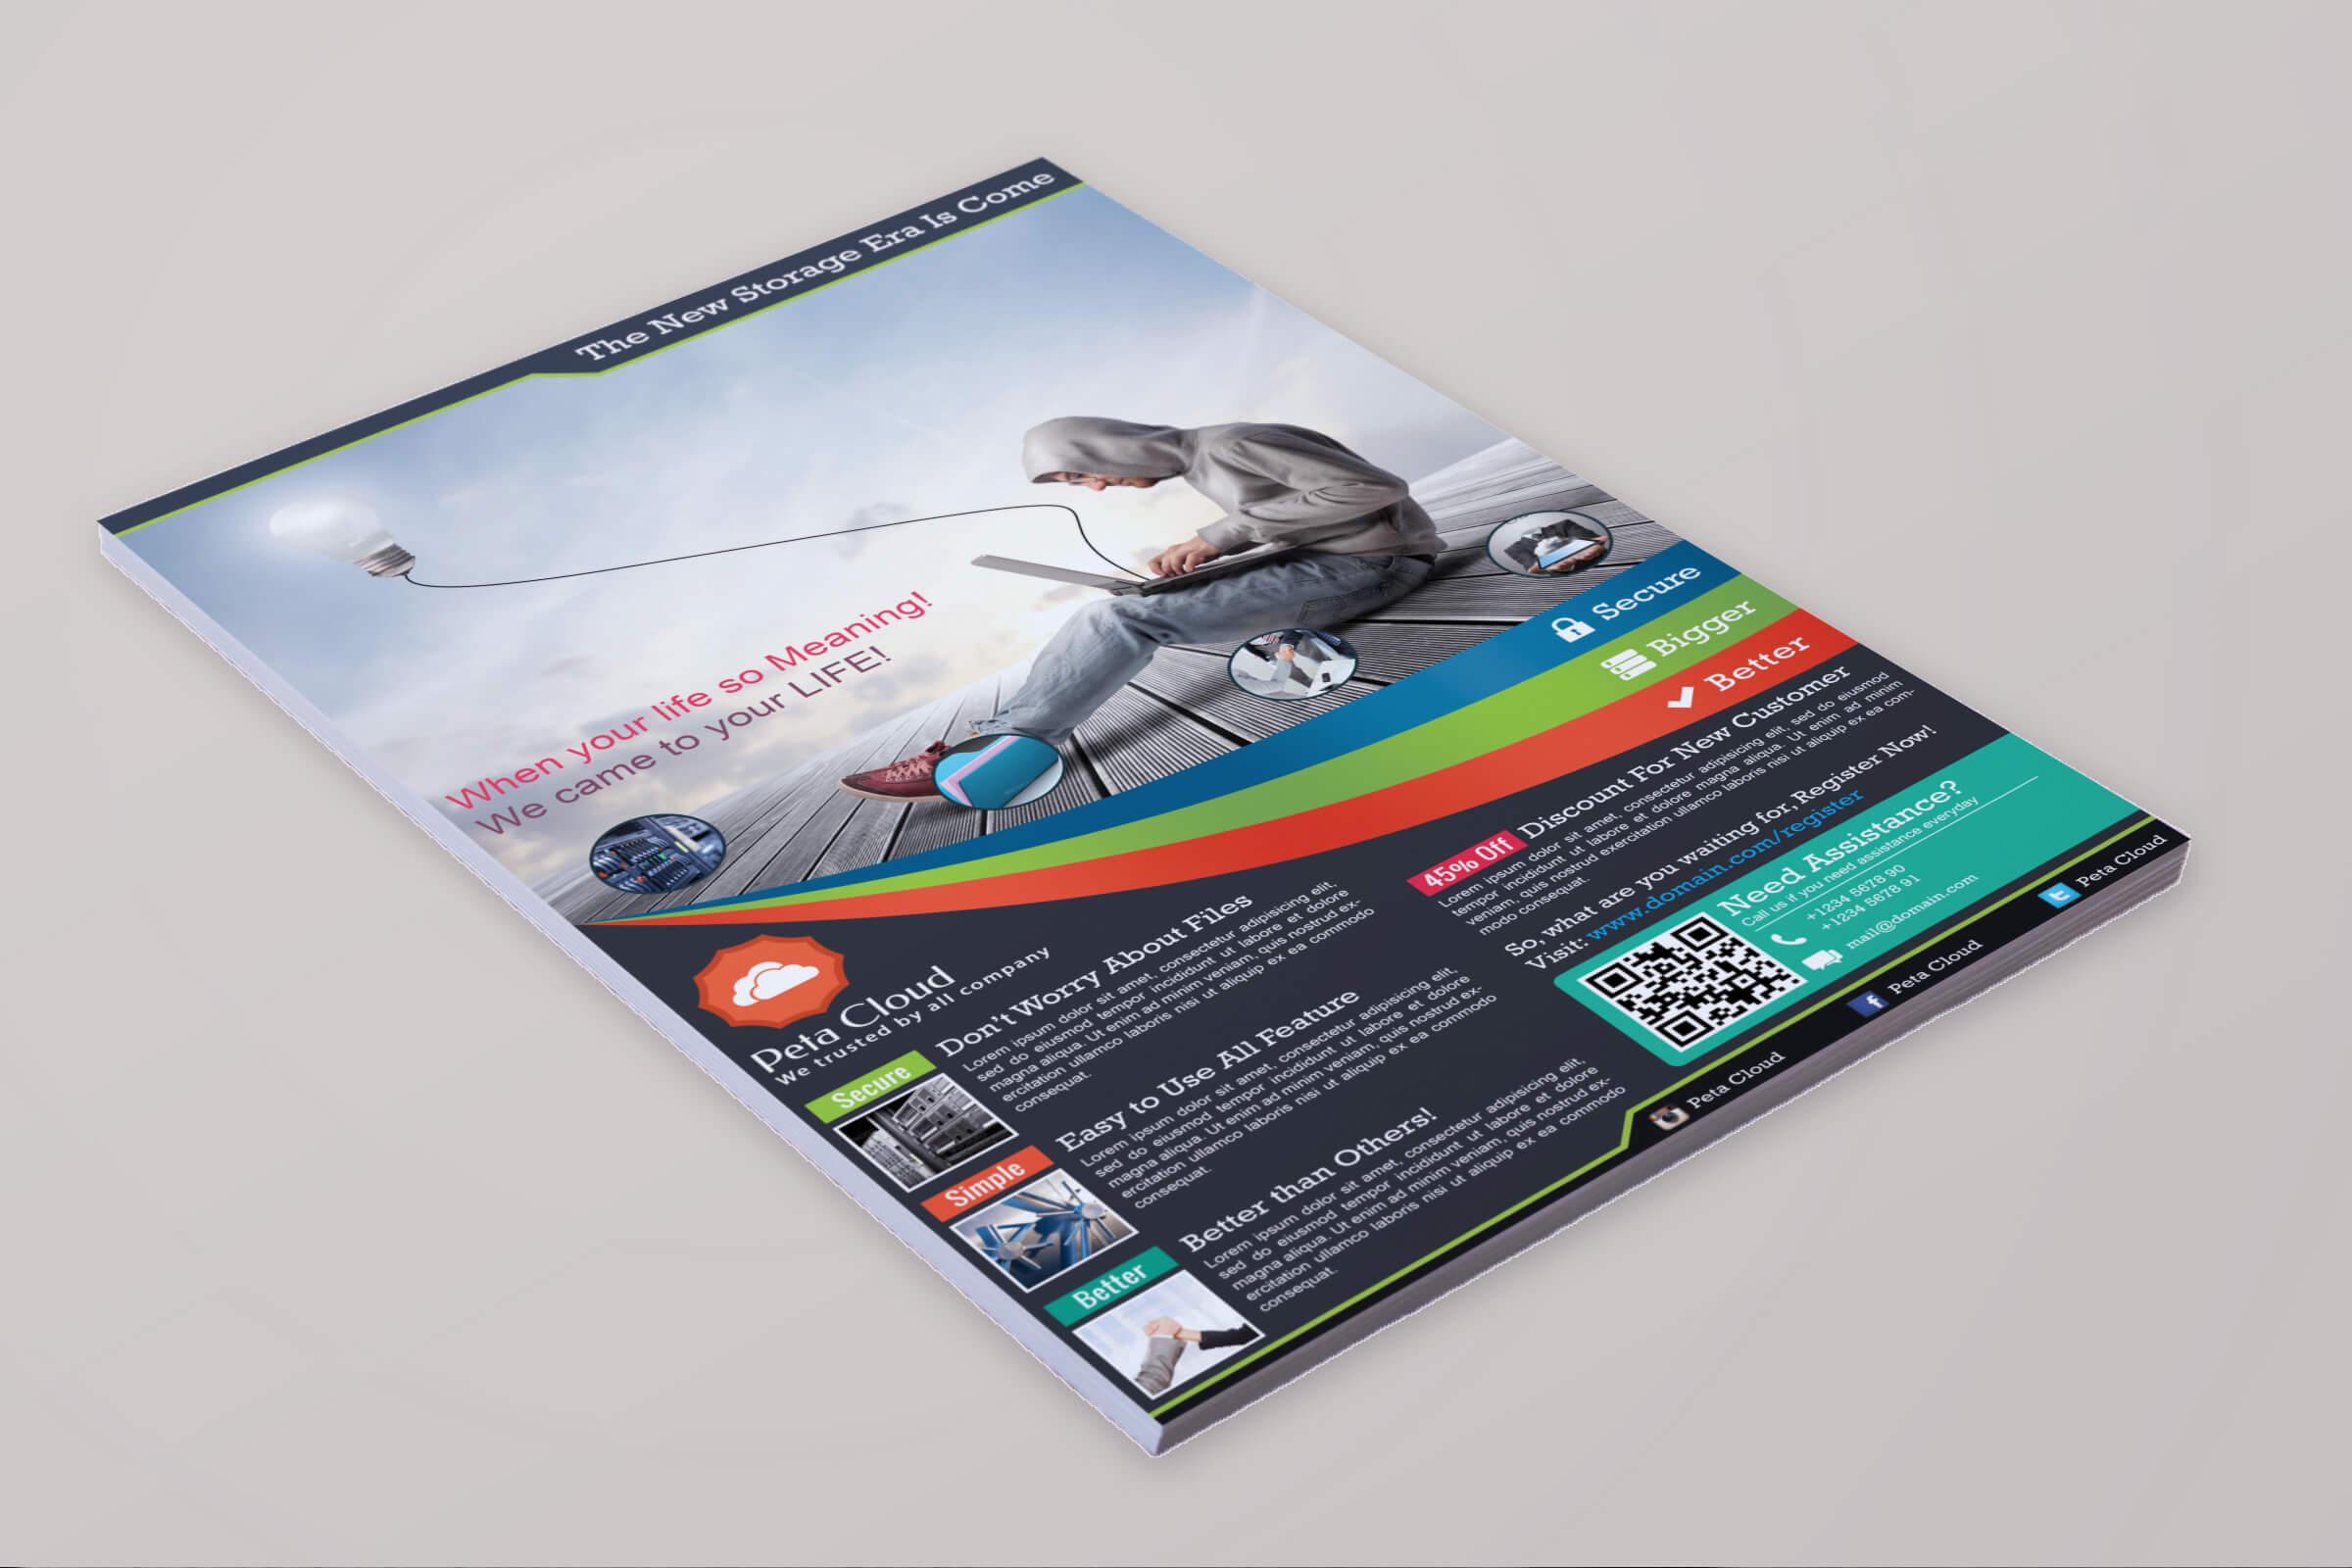 Peta-Cloud-Service-Flyer-1